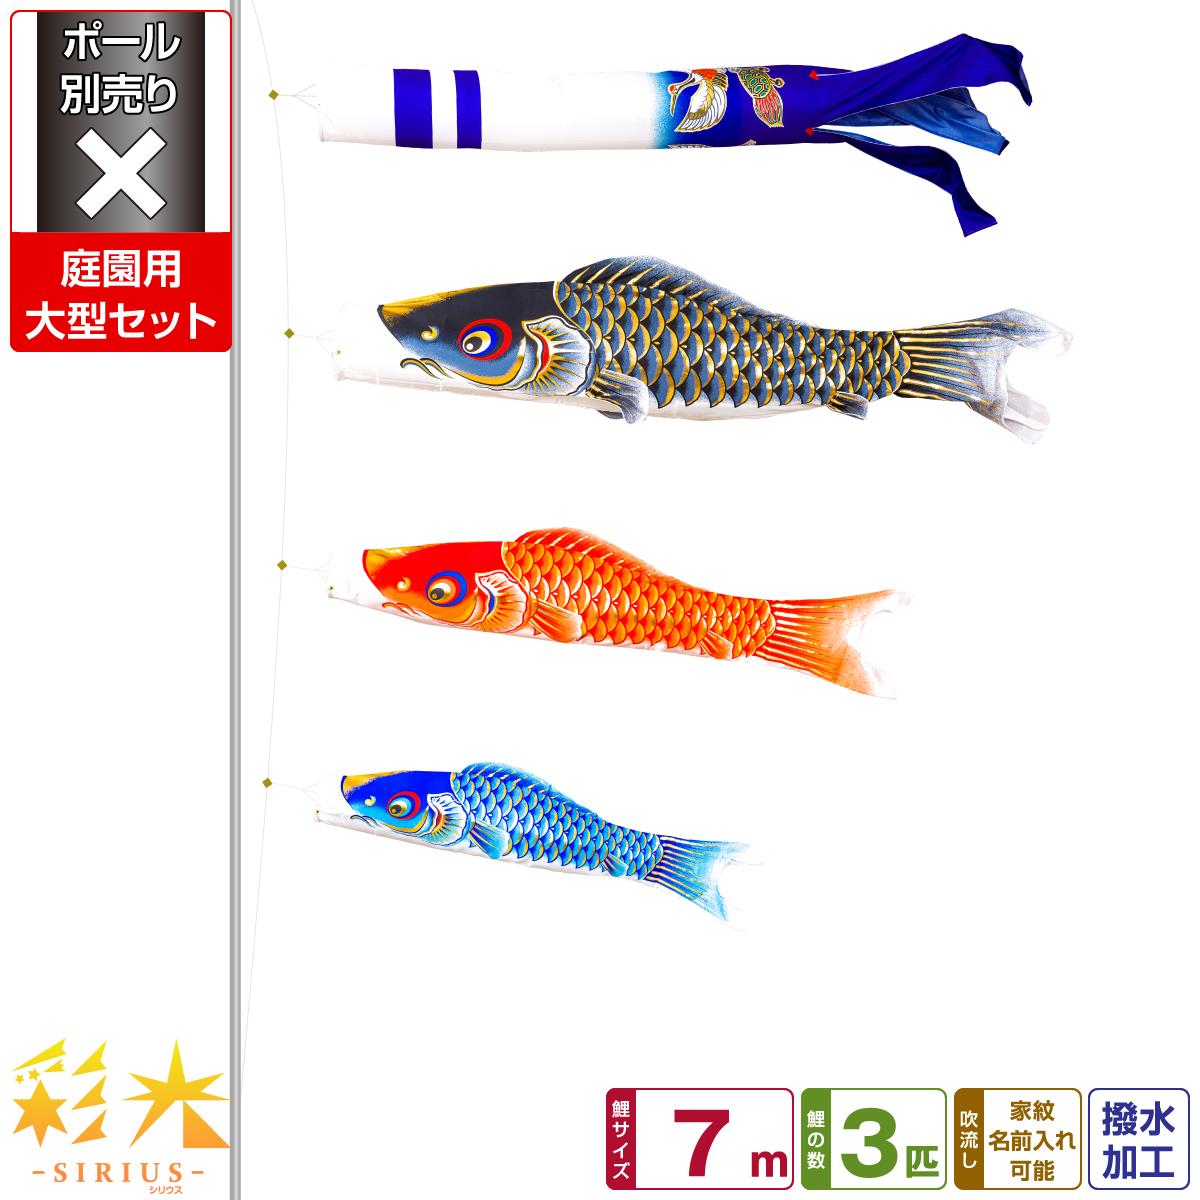 庭園用 こいのぼり 鯉のぼり SIRIUS/彩光鯉 7m 6点(吹流し+鯉3匹+矢車+ロープ)/庭園大型セット【ポール 別売】